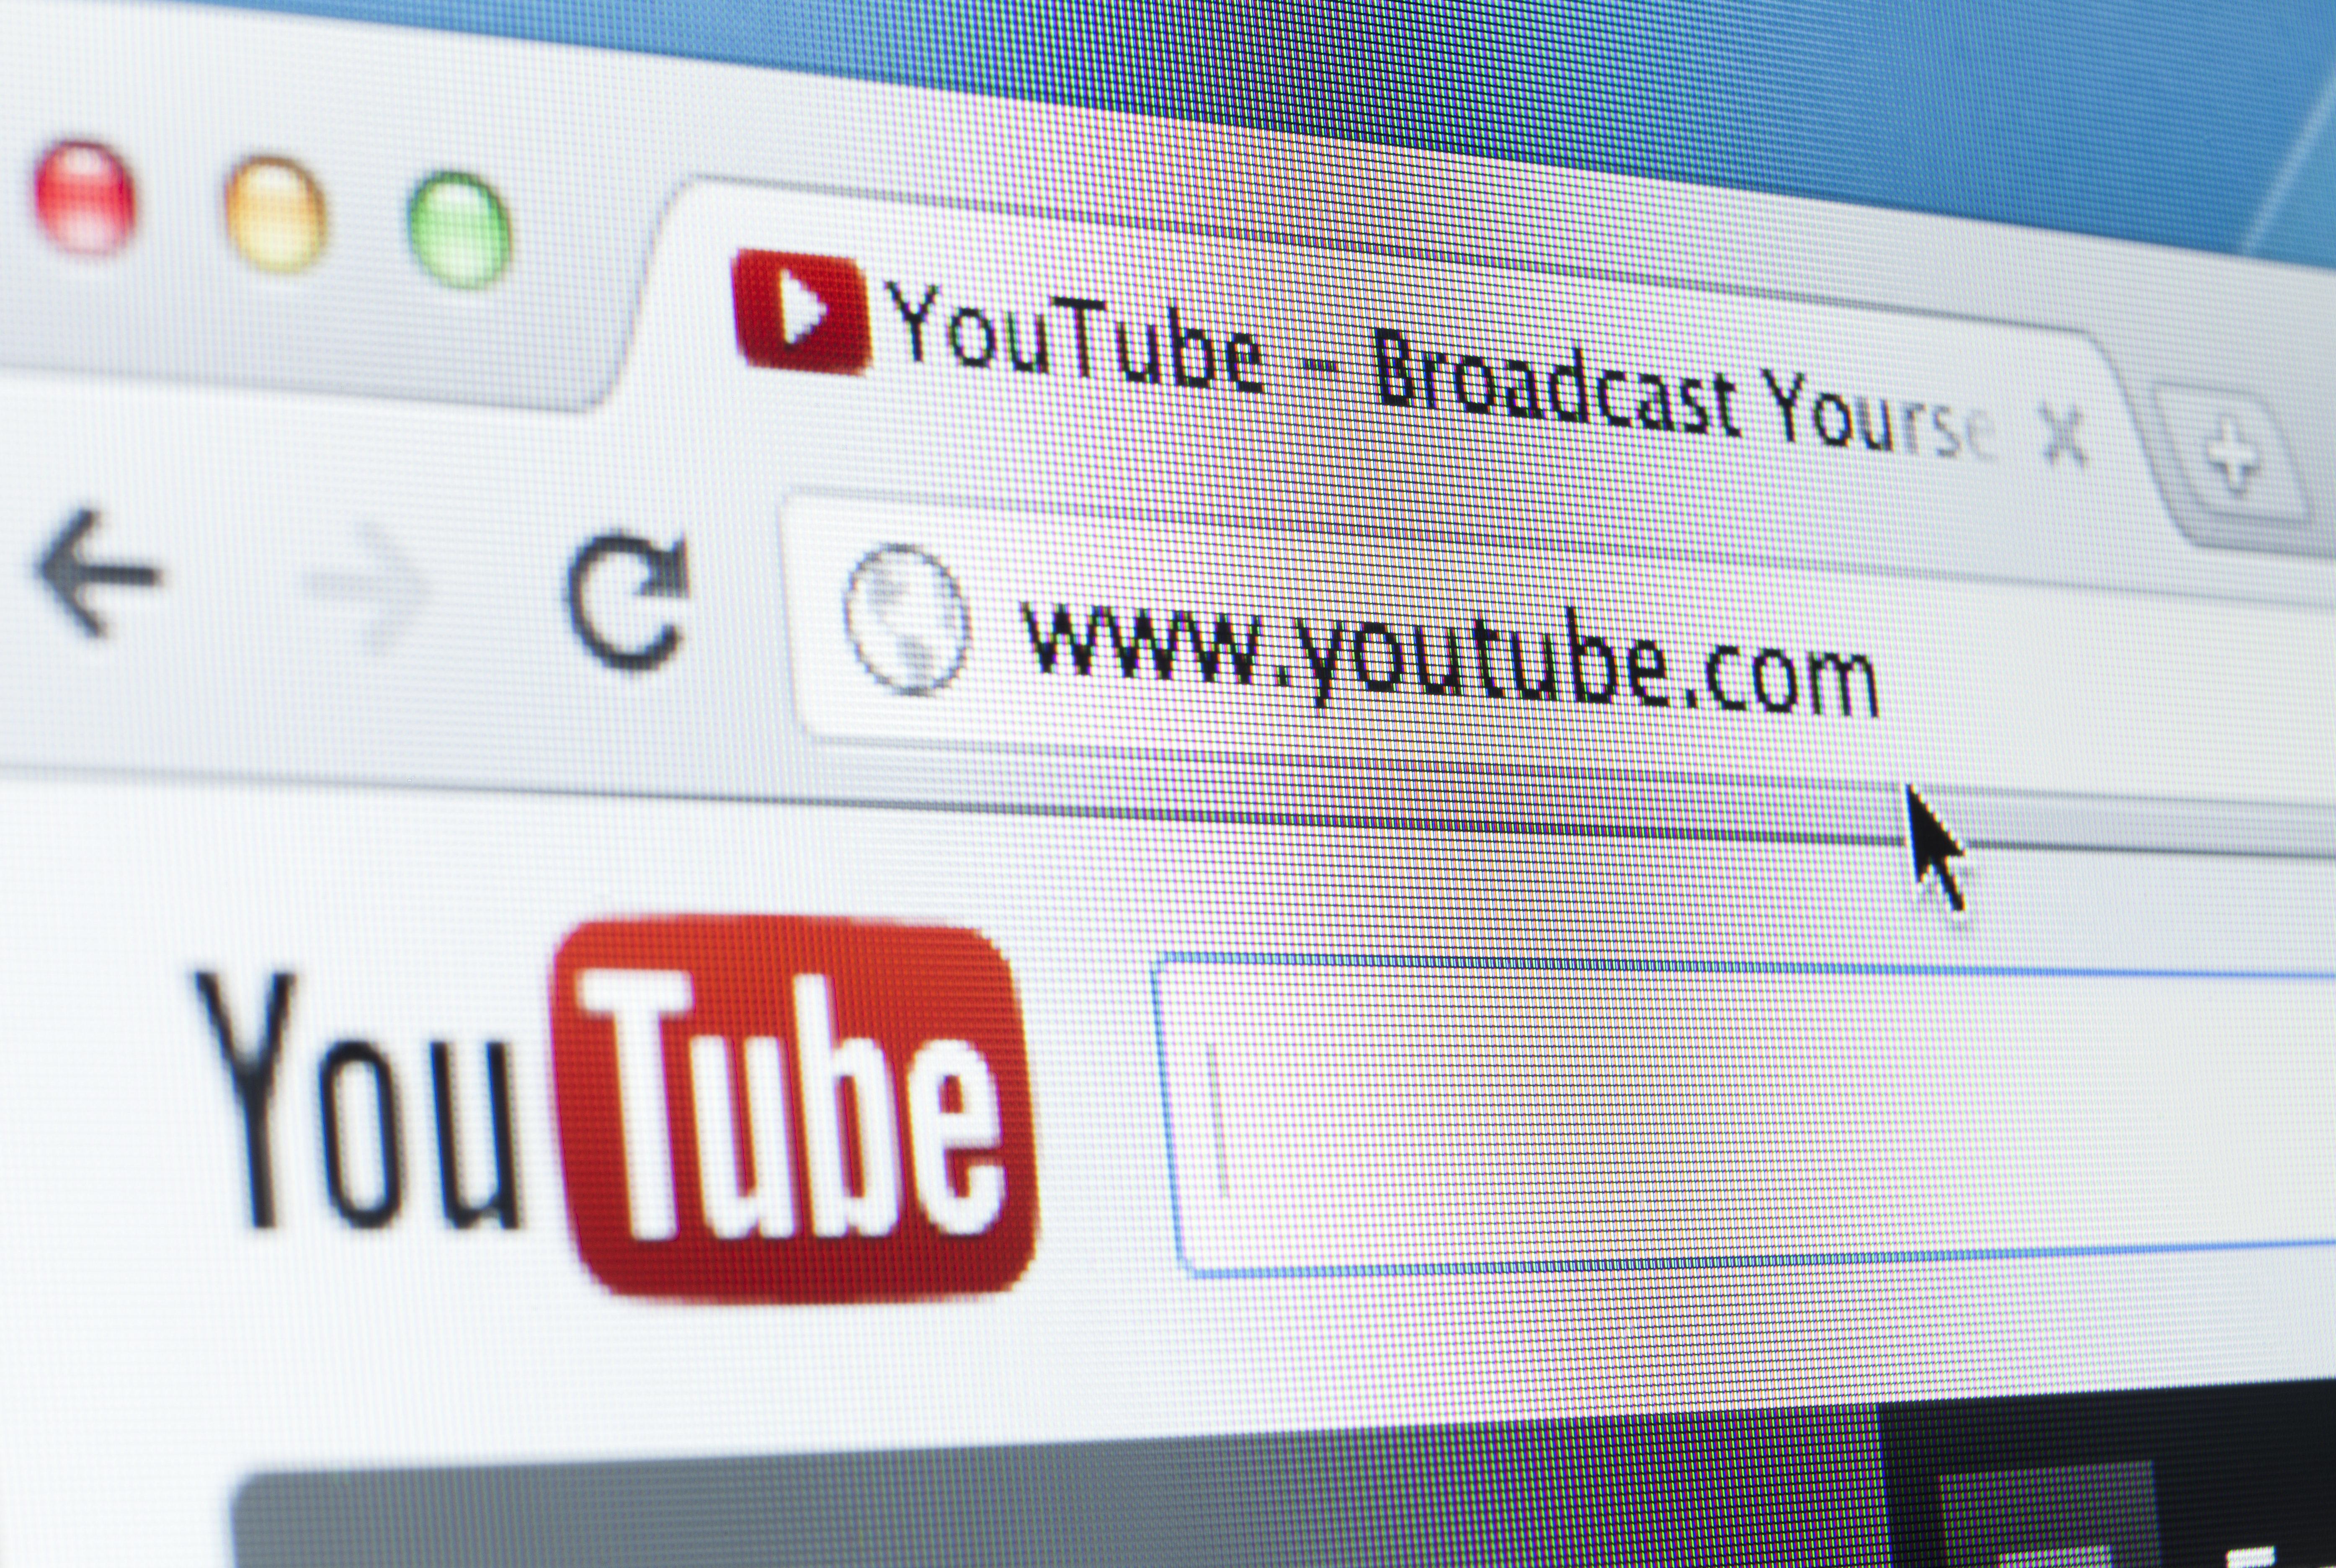 Man Praises YouTube's Crackdown On Conspiracy VideosHe Once